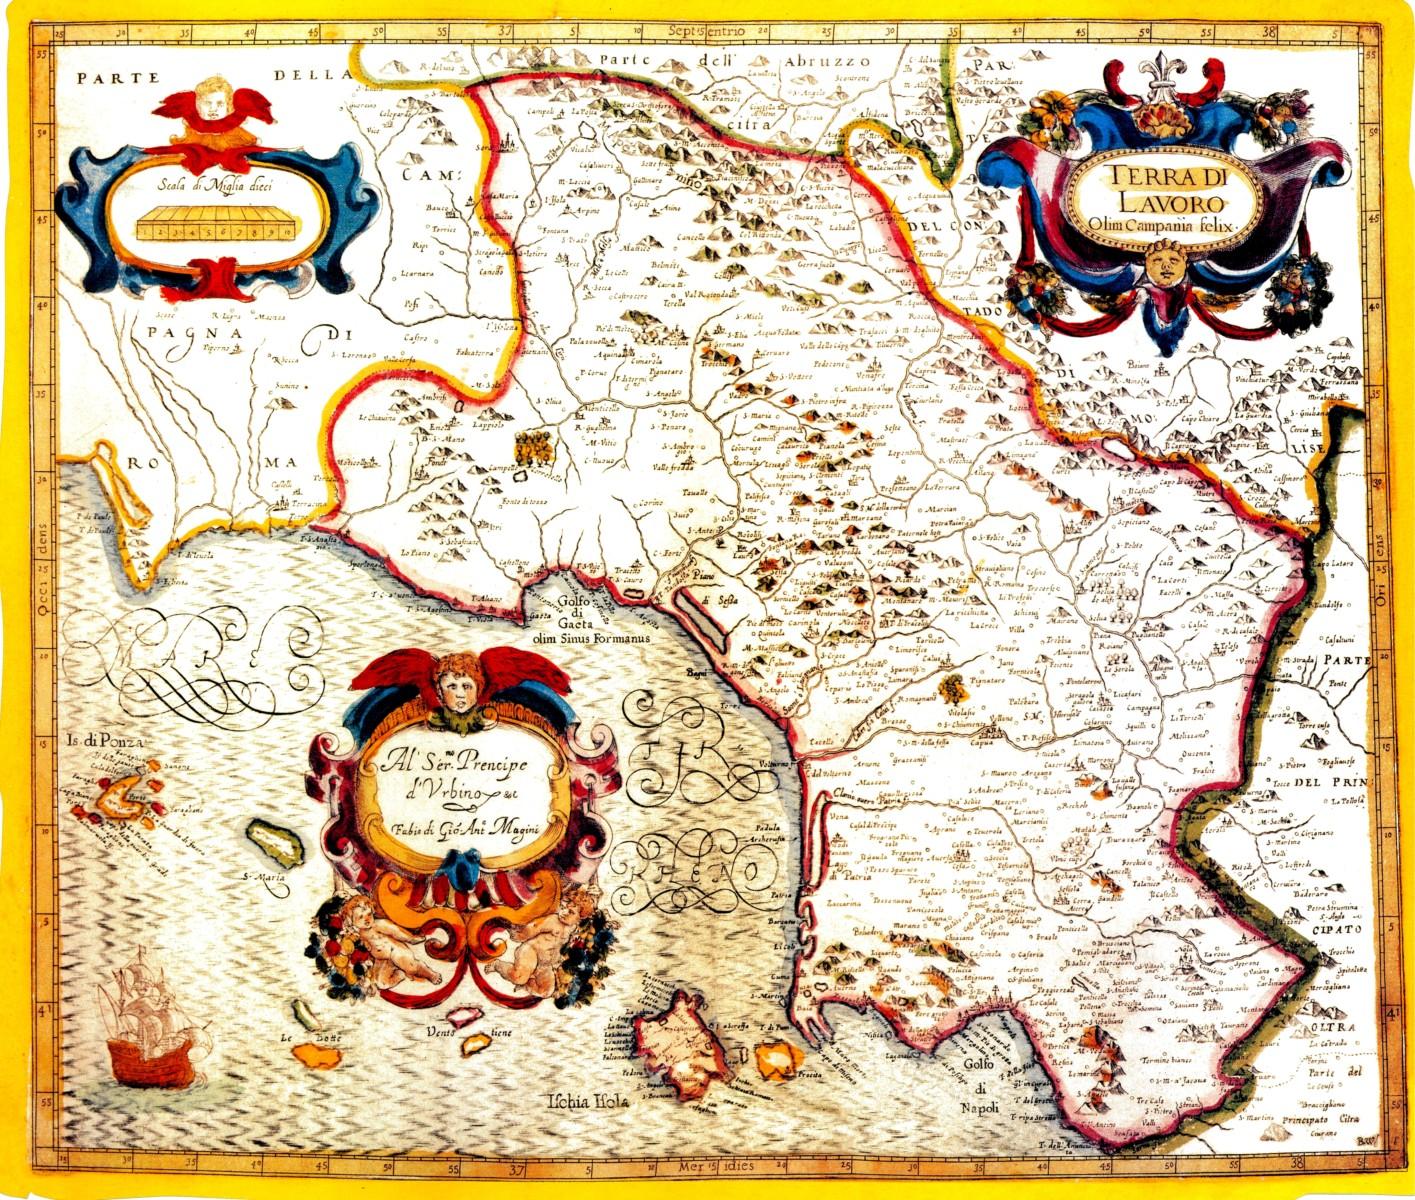 Cartina Campania Pdf.Terra Di Lavoro Wikipedia